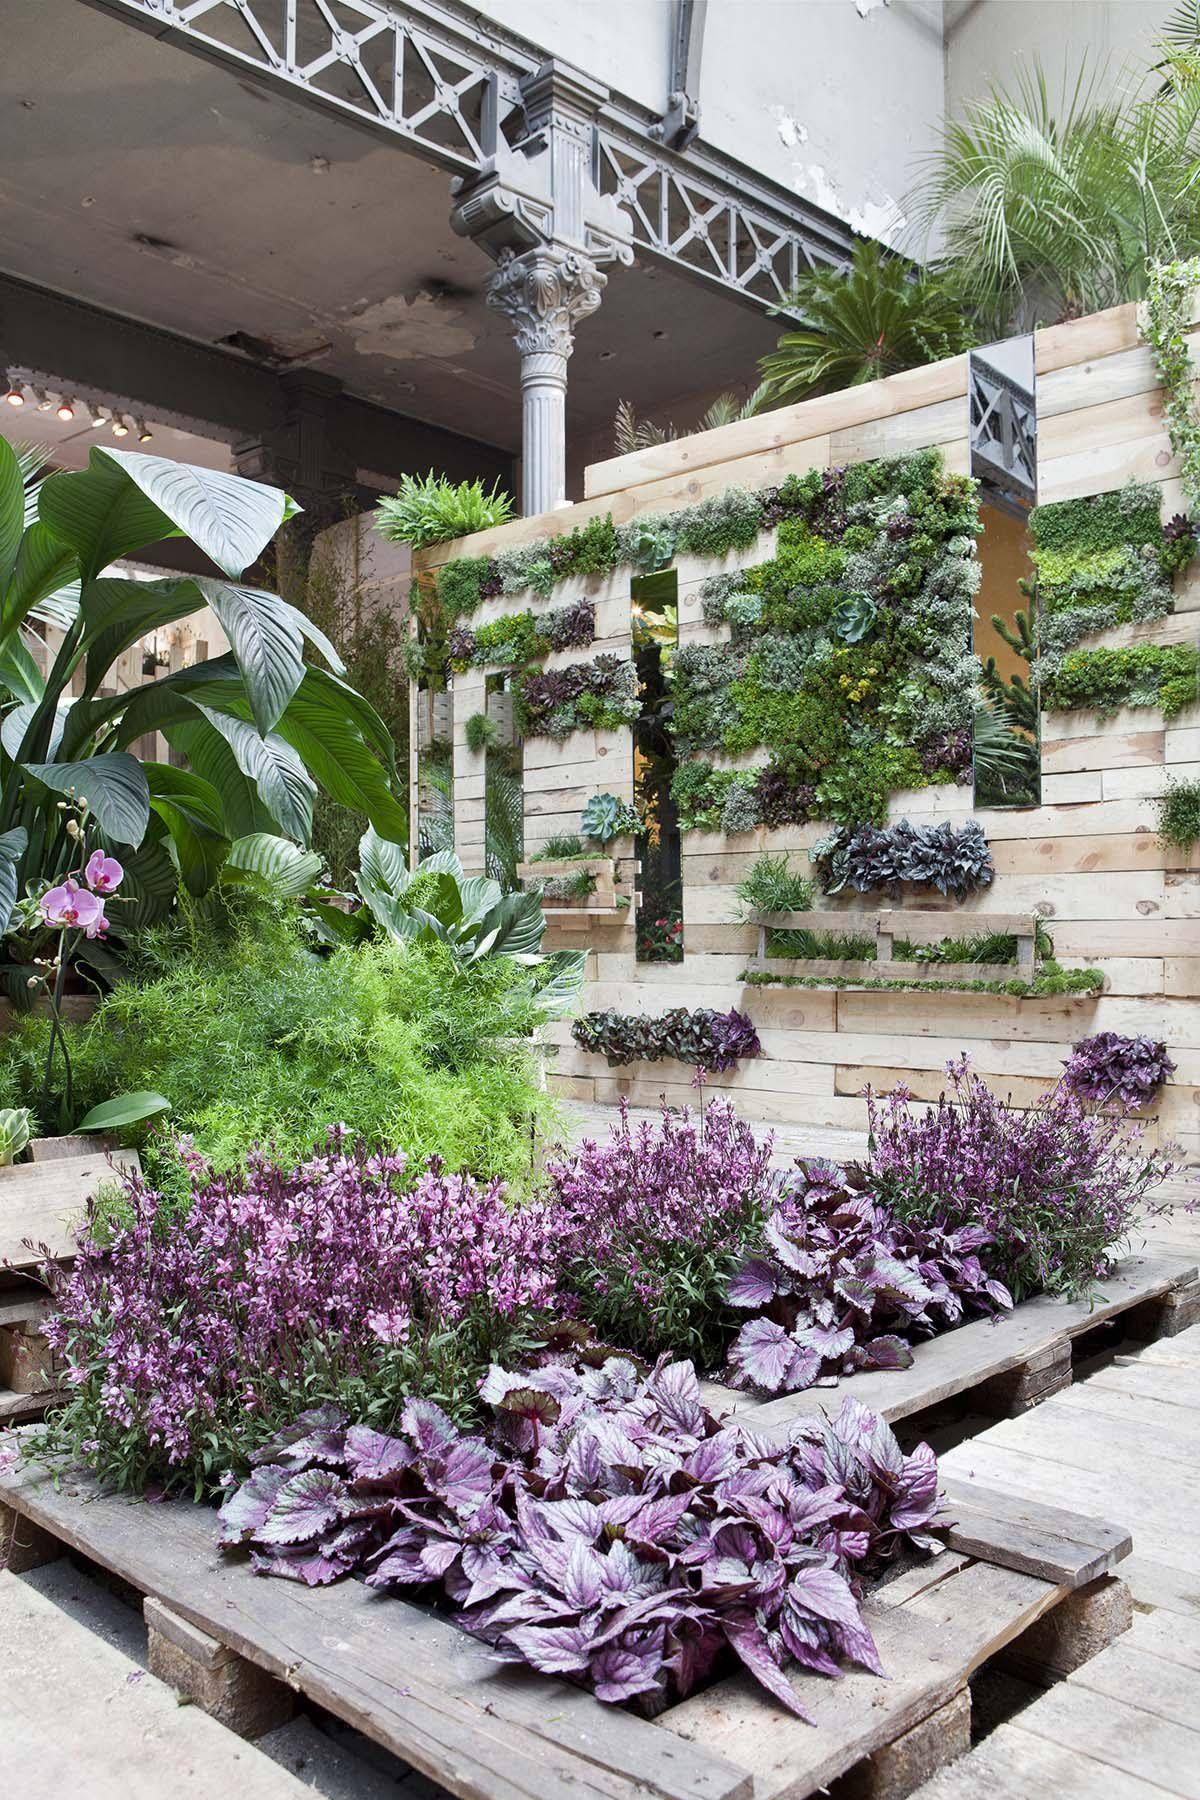 Fronda Muebles De Jardin.Trucos De Hogar Y Jardin Terraces Gardens Muebles Con